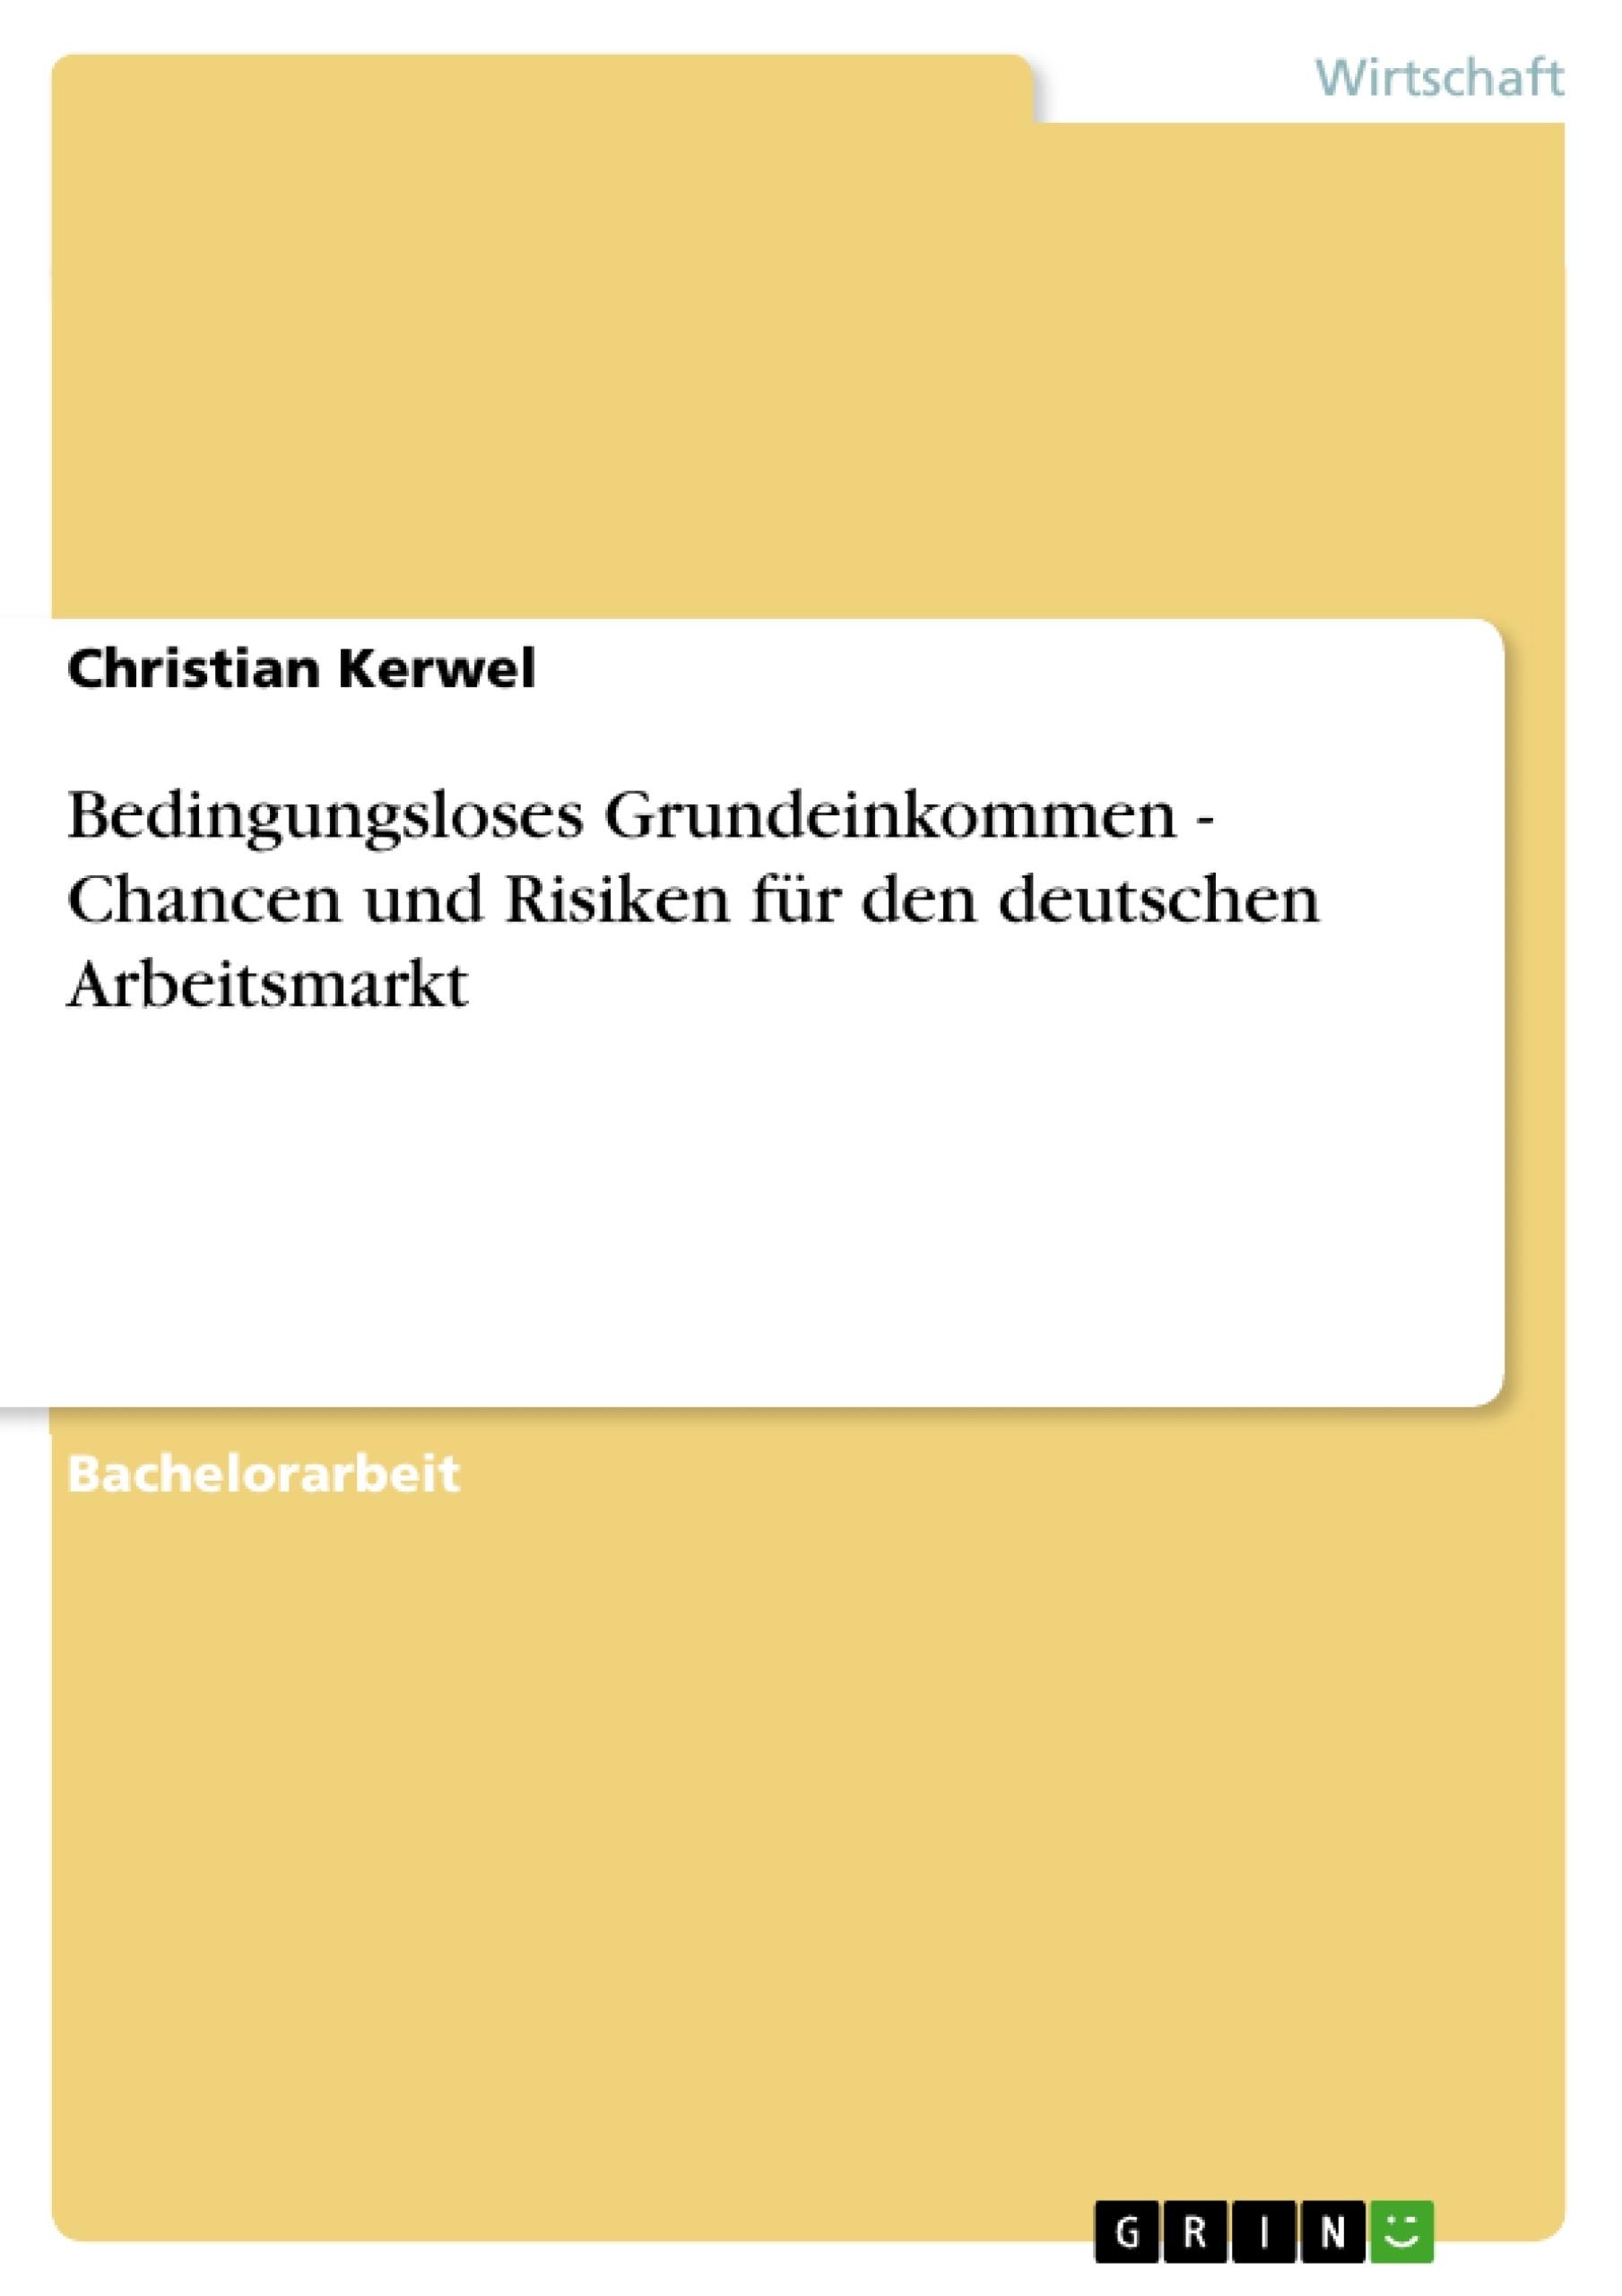 Titel: Bedingungsloses Grundeinkommen - Chancen und Risiken für den deutschen Arbeitsmarkt